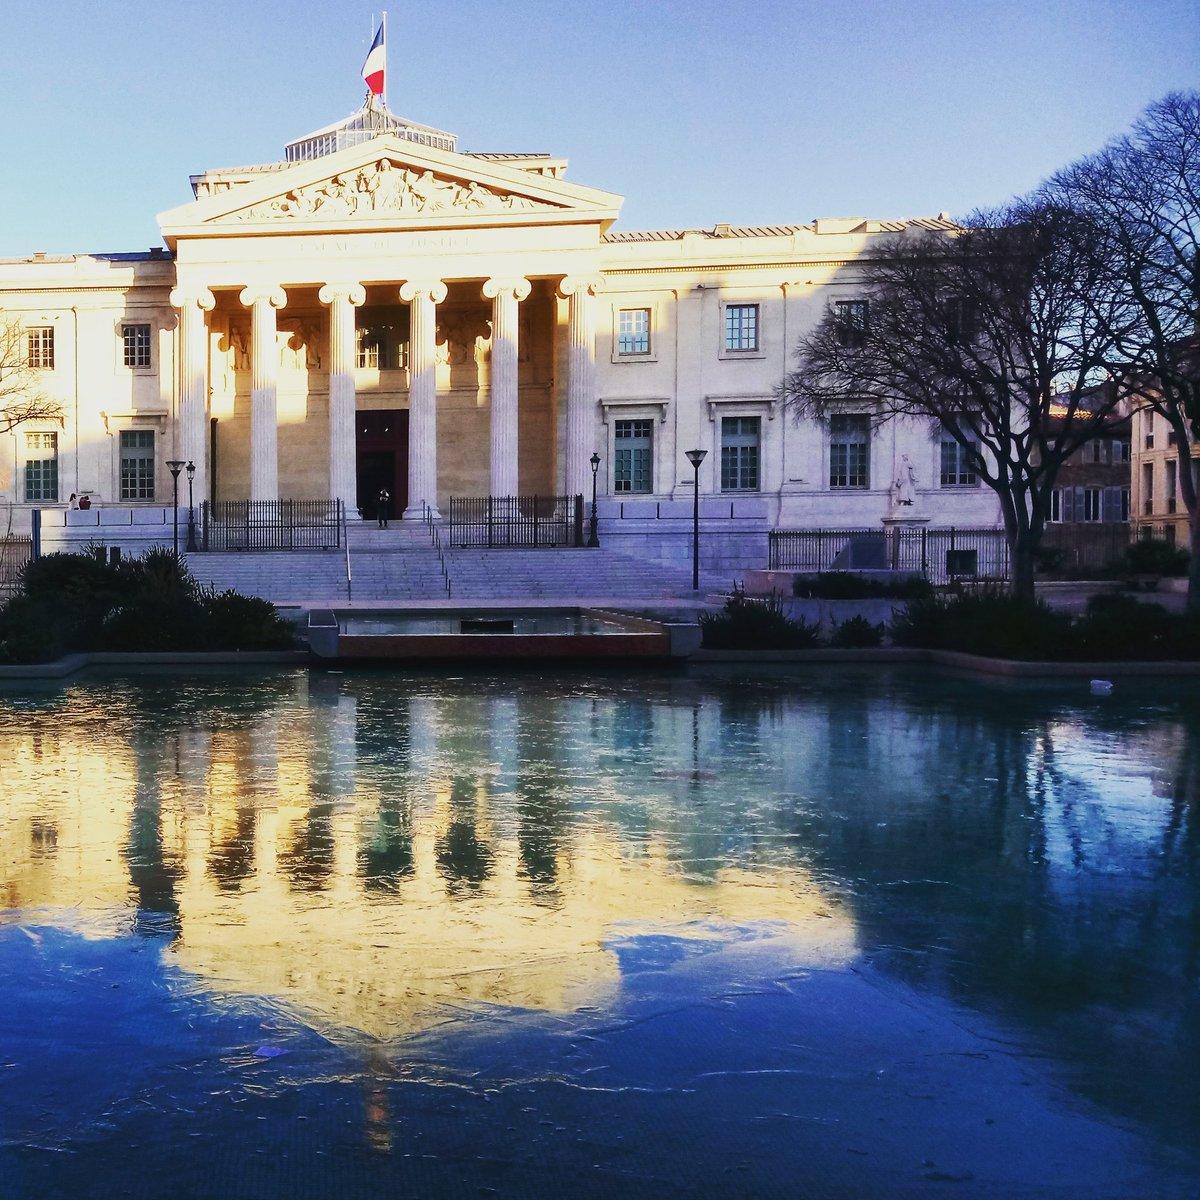 La patinoire du palais #monthyon ouvre bientôt ses portes #marseille #banquise #froid #aglagla #FroidExtreme #meteo<br>http://pic.twitter.com/wpdU9HMMzF